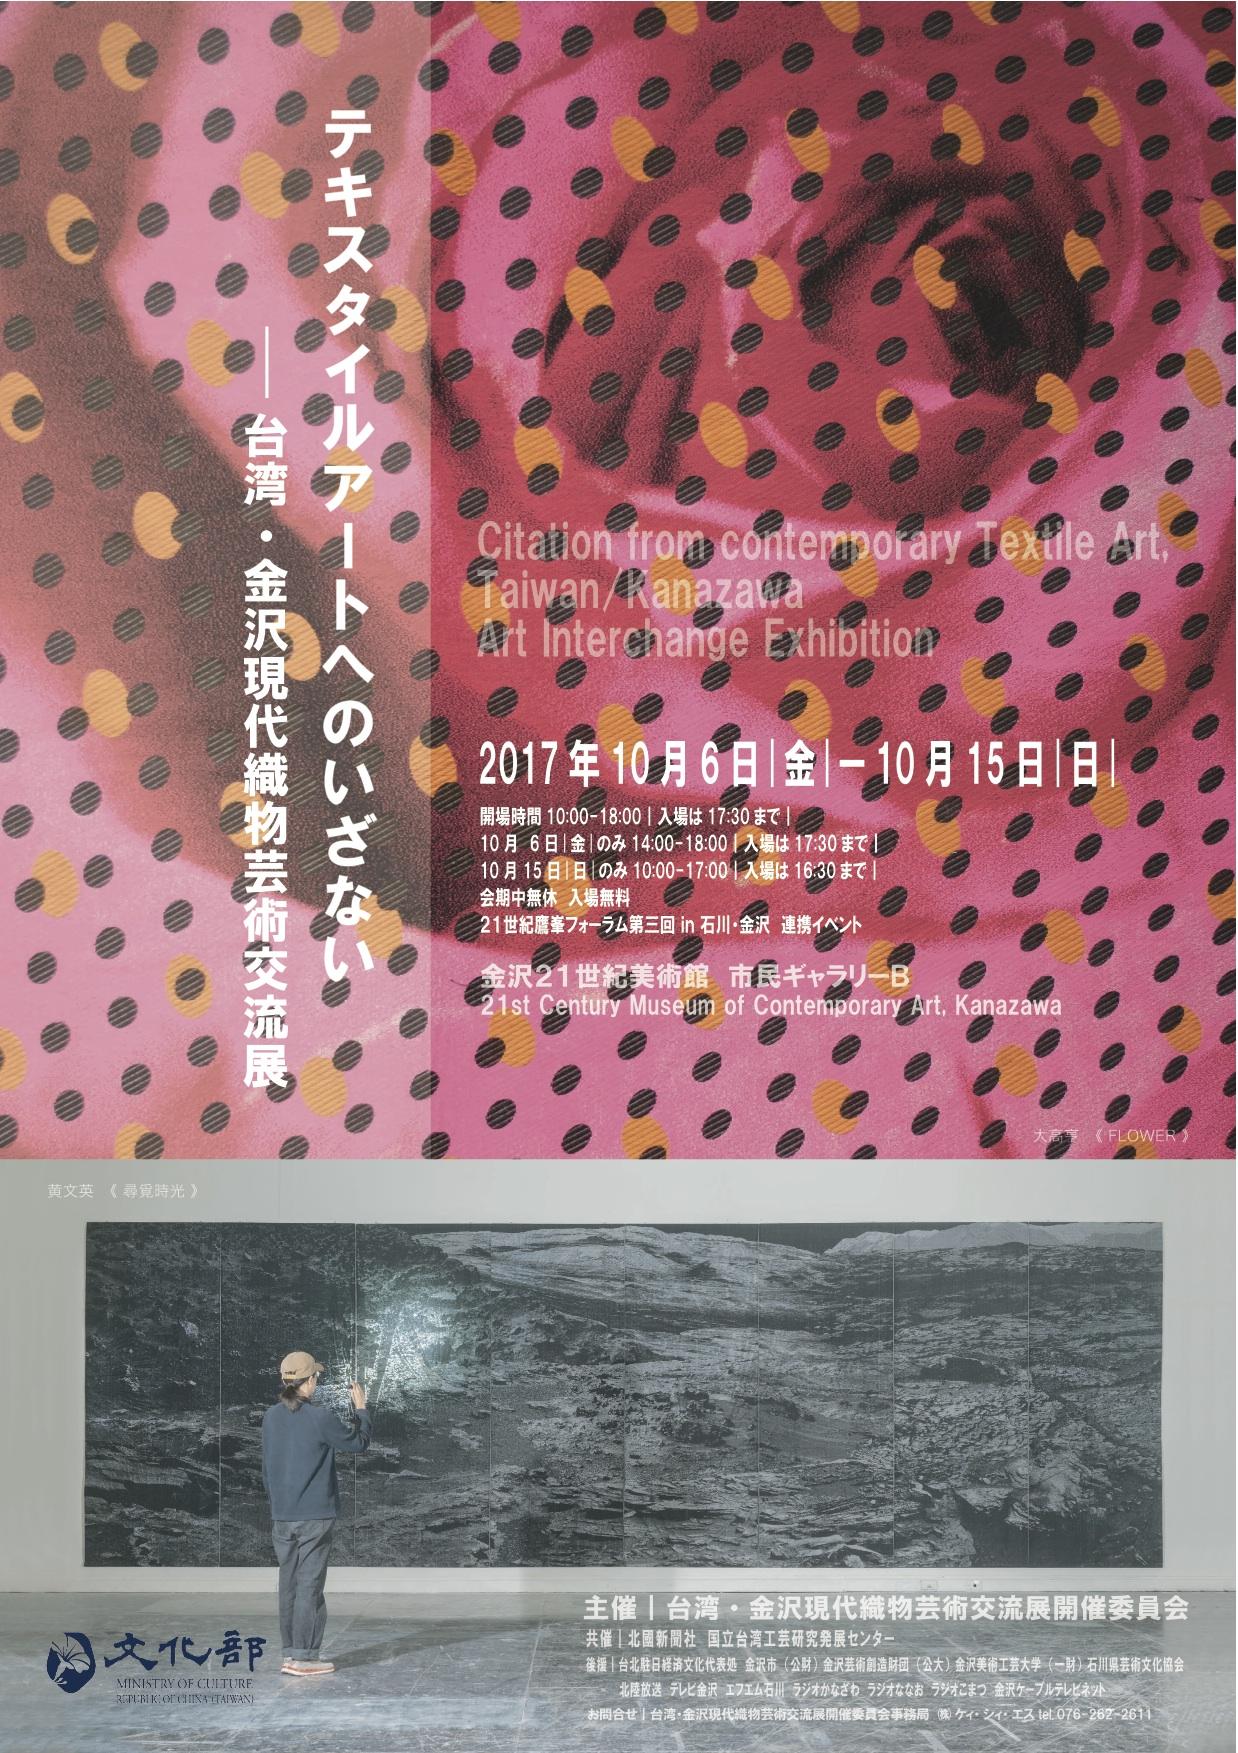 台湾金沢現代織物芸術交流1